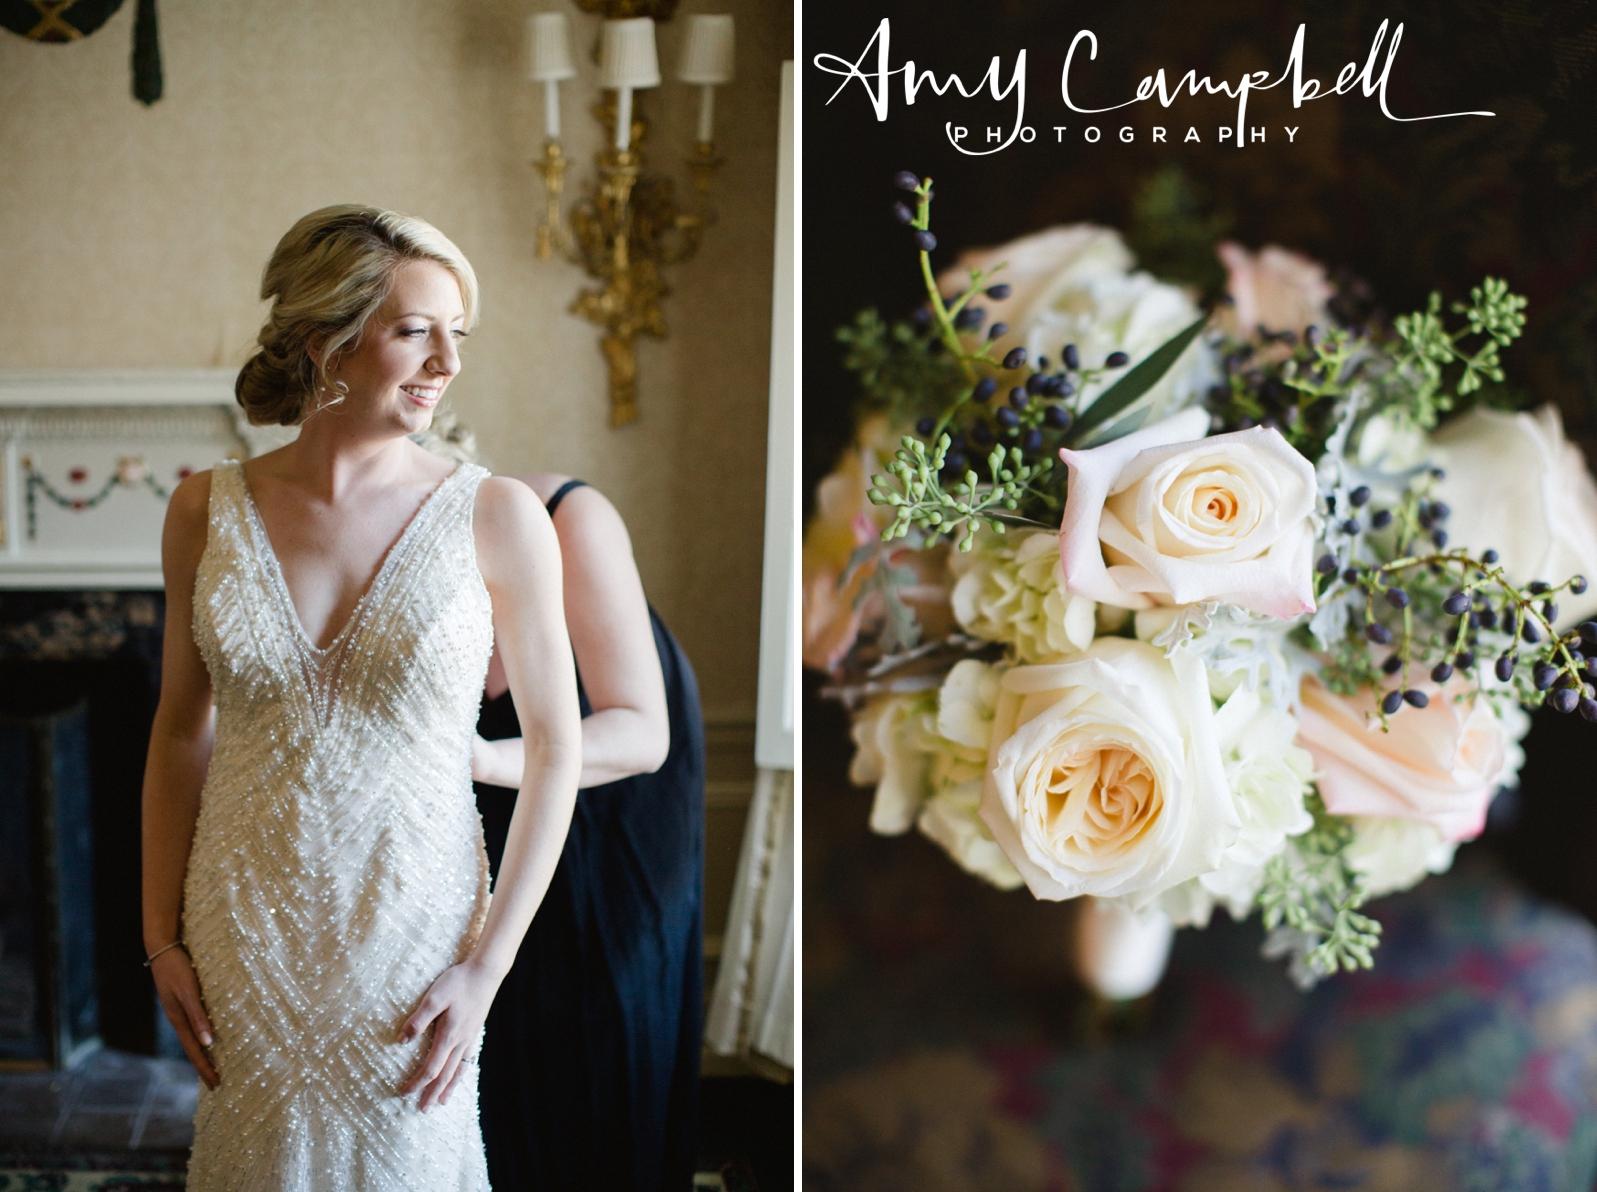 emmakyle_wedding_fb_amycampbellphotography_0010.jpg